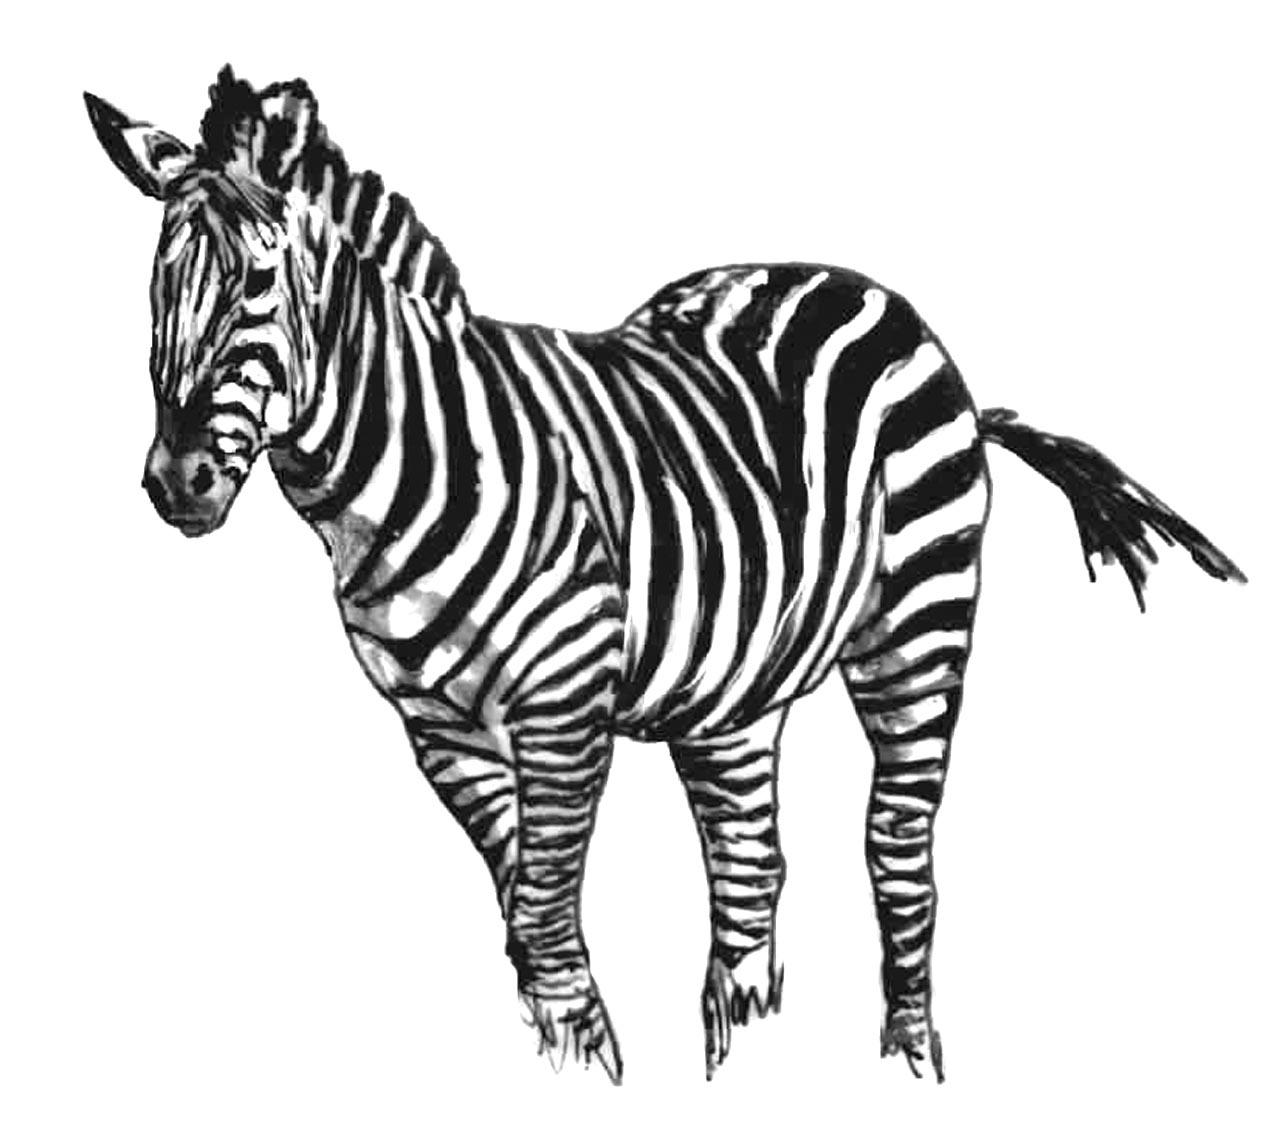 Dessin zebre dessin gratuit - Dessin noir et blanc animaux ...